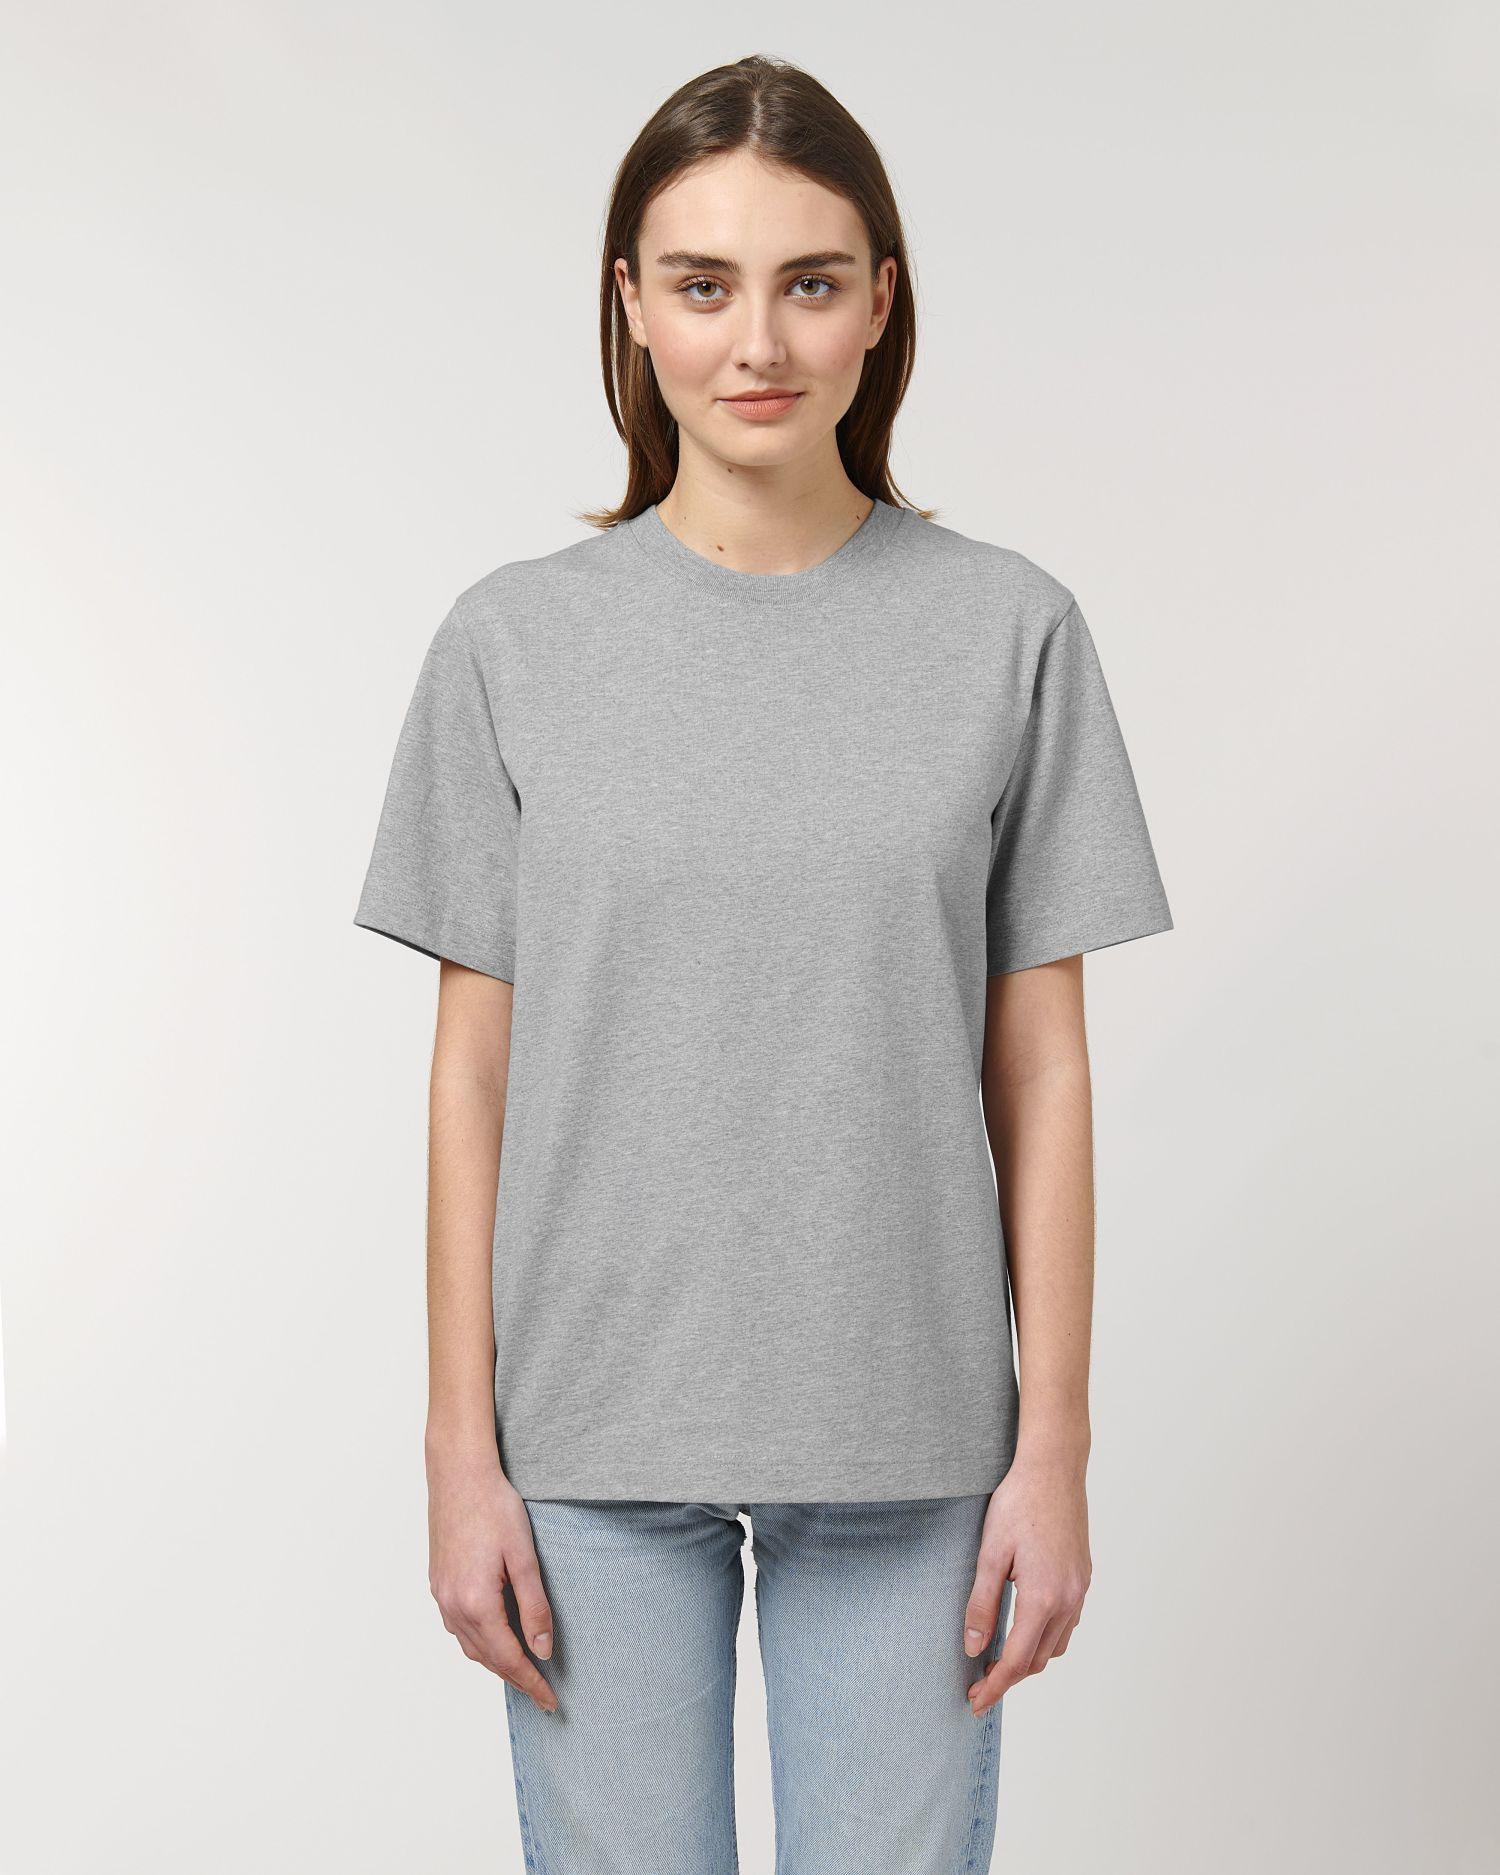 Freestyler Unisex Oversized T-Shirt STTU788 Stanley/Stella